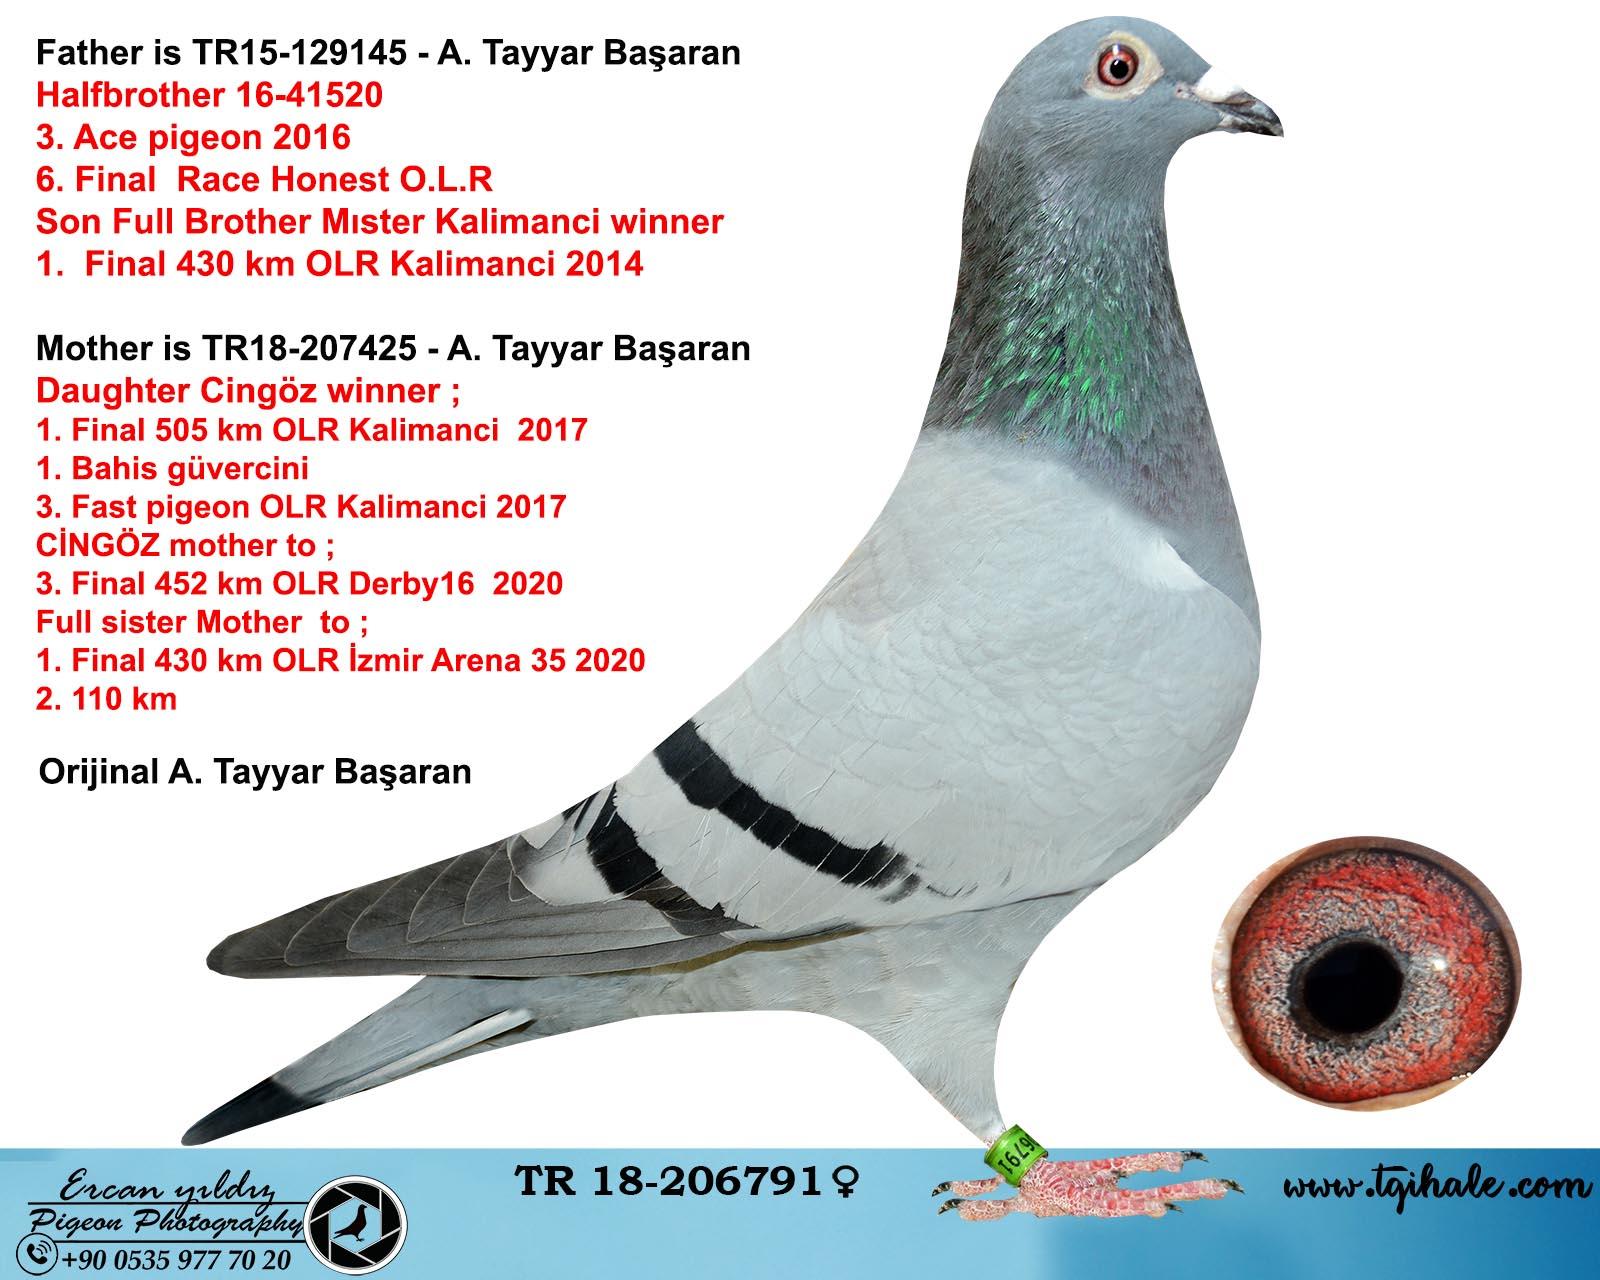 TR18-206791 DİŞİ / BABASNIN YARI KARDEŞİ 3 . AS GÜV. ANNESİ CİNGÖZ KIZI